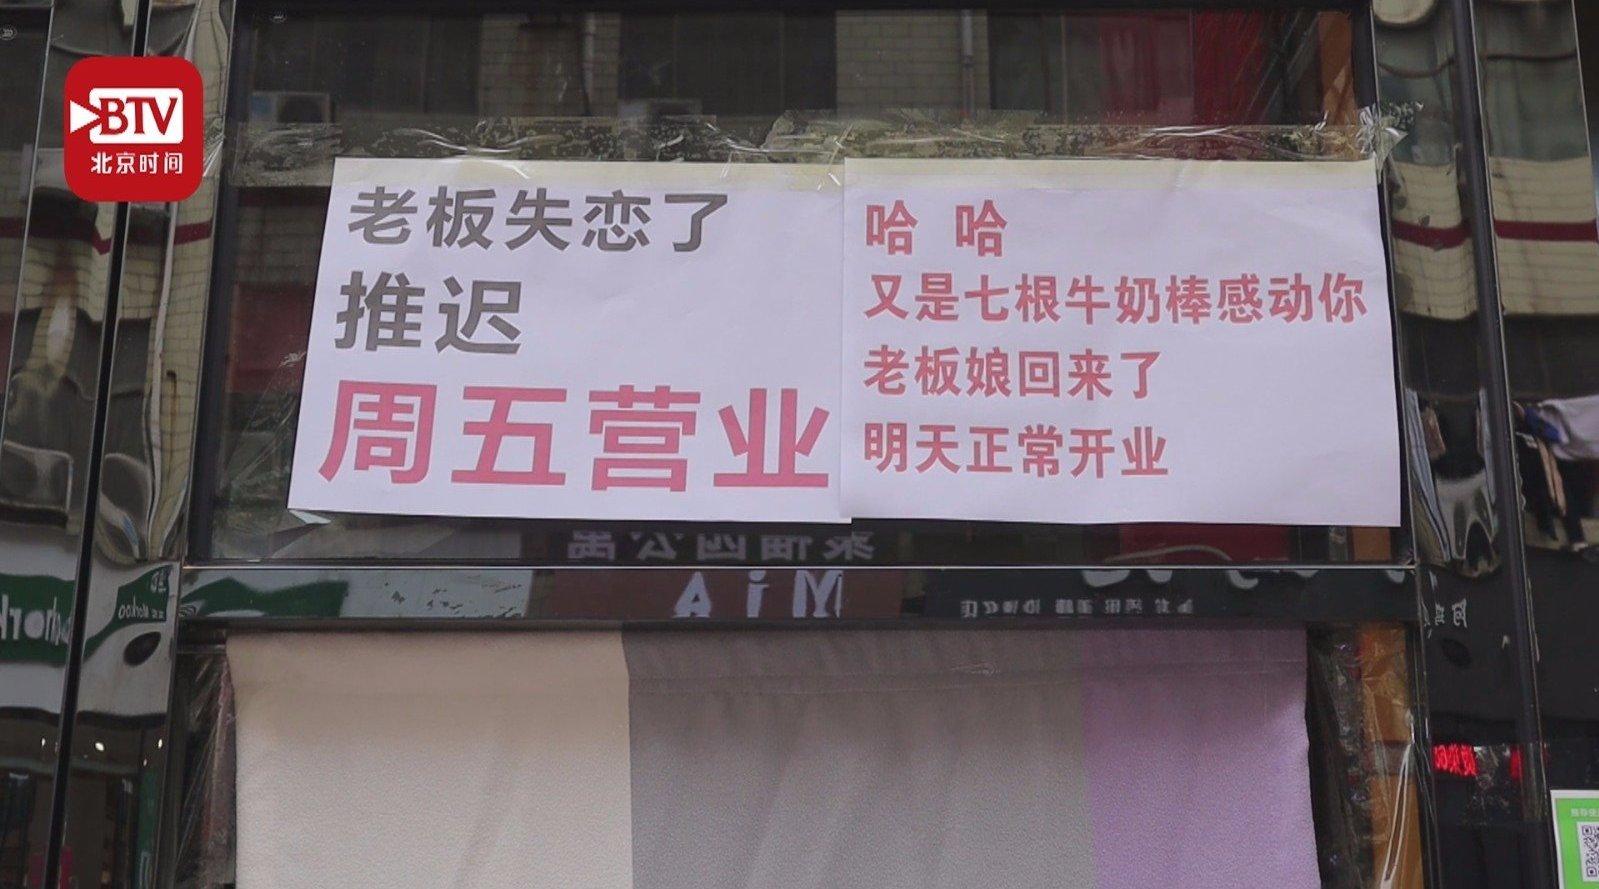 """大三男生开店太忙与女友闹矛盾 贴""""老板失恋了""""意外吸客"""